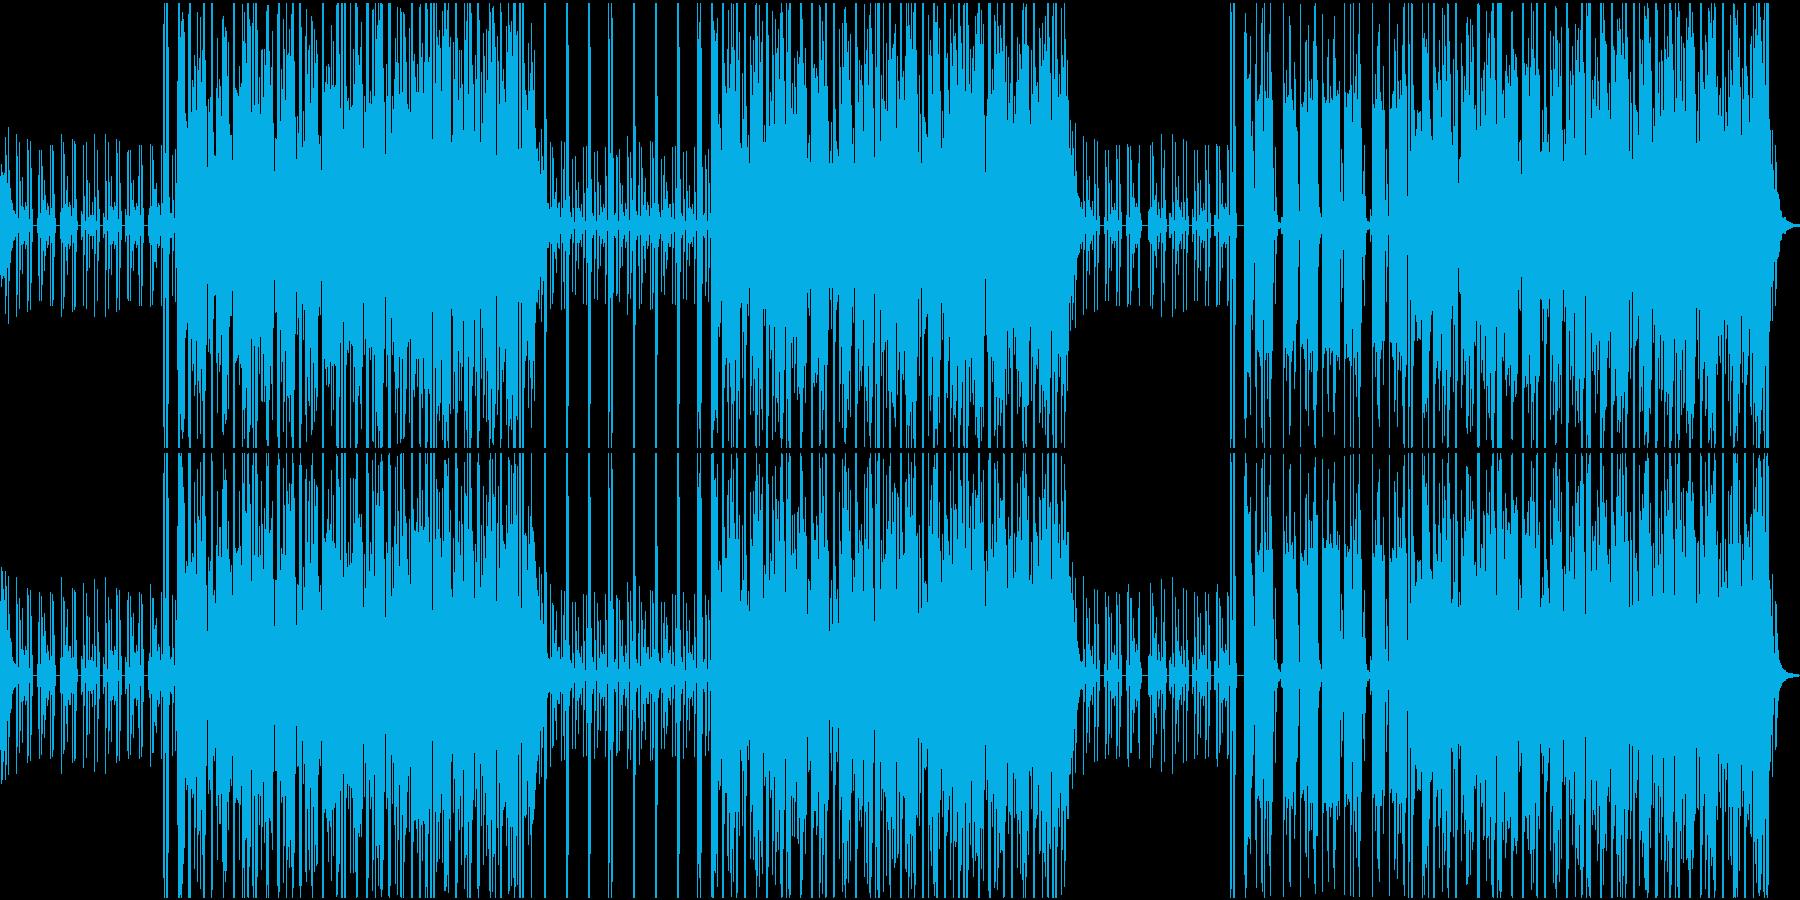 密林の中をイメージした曲の再生済みの波形